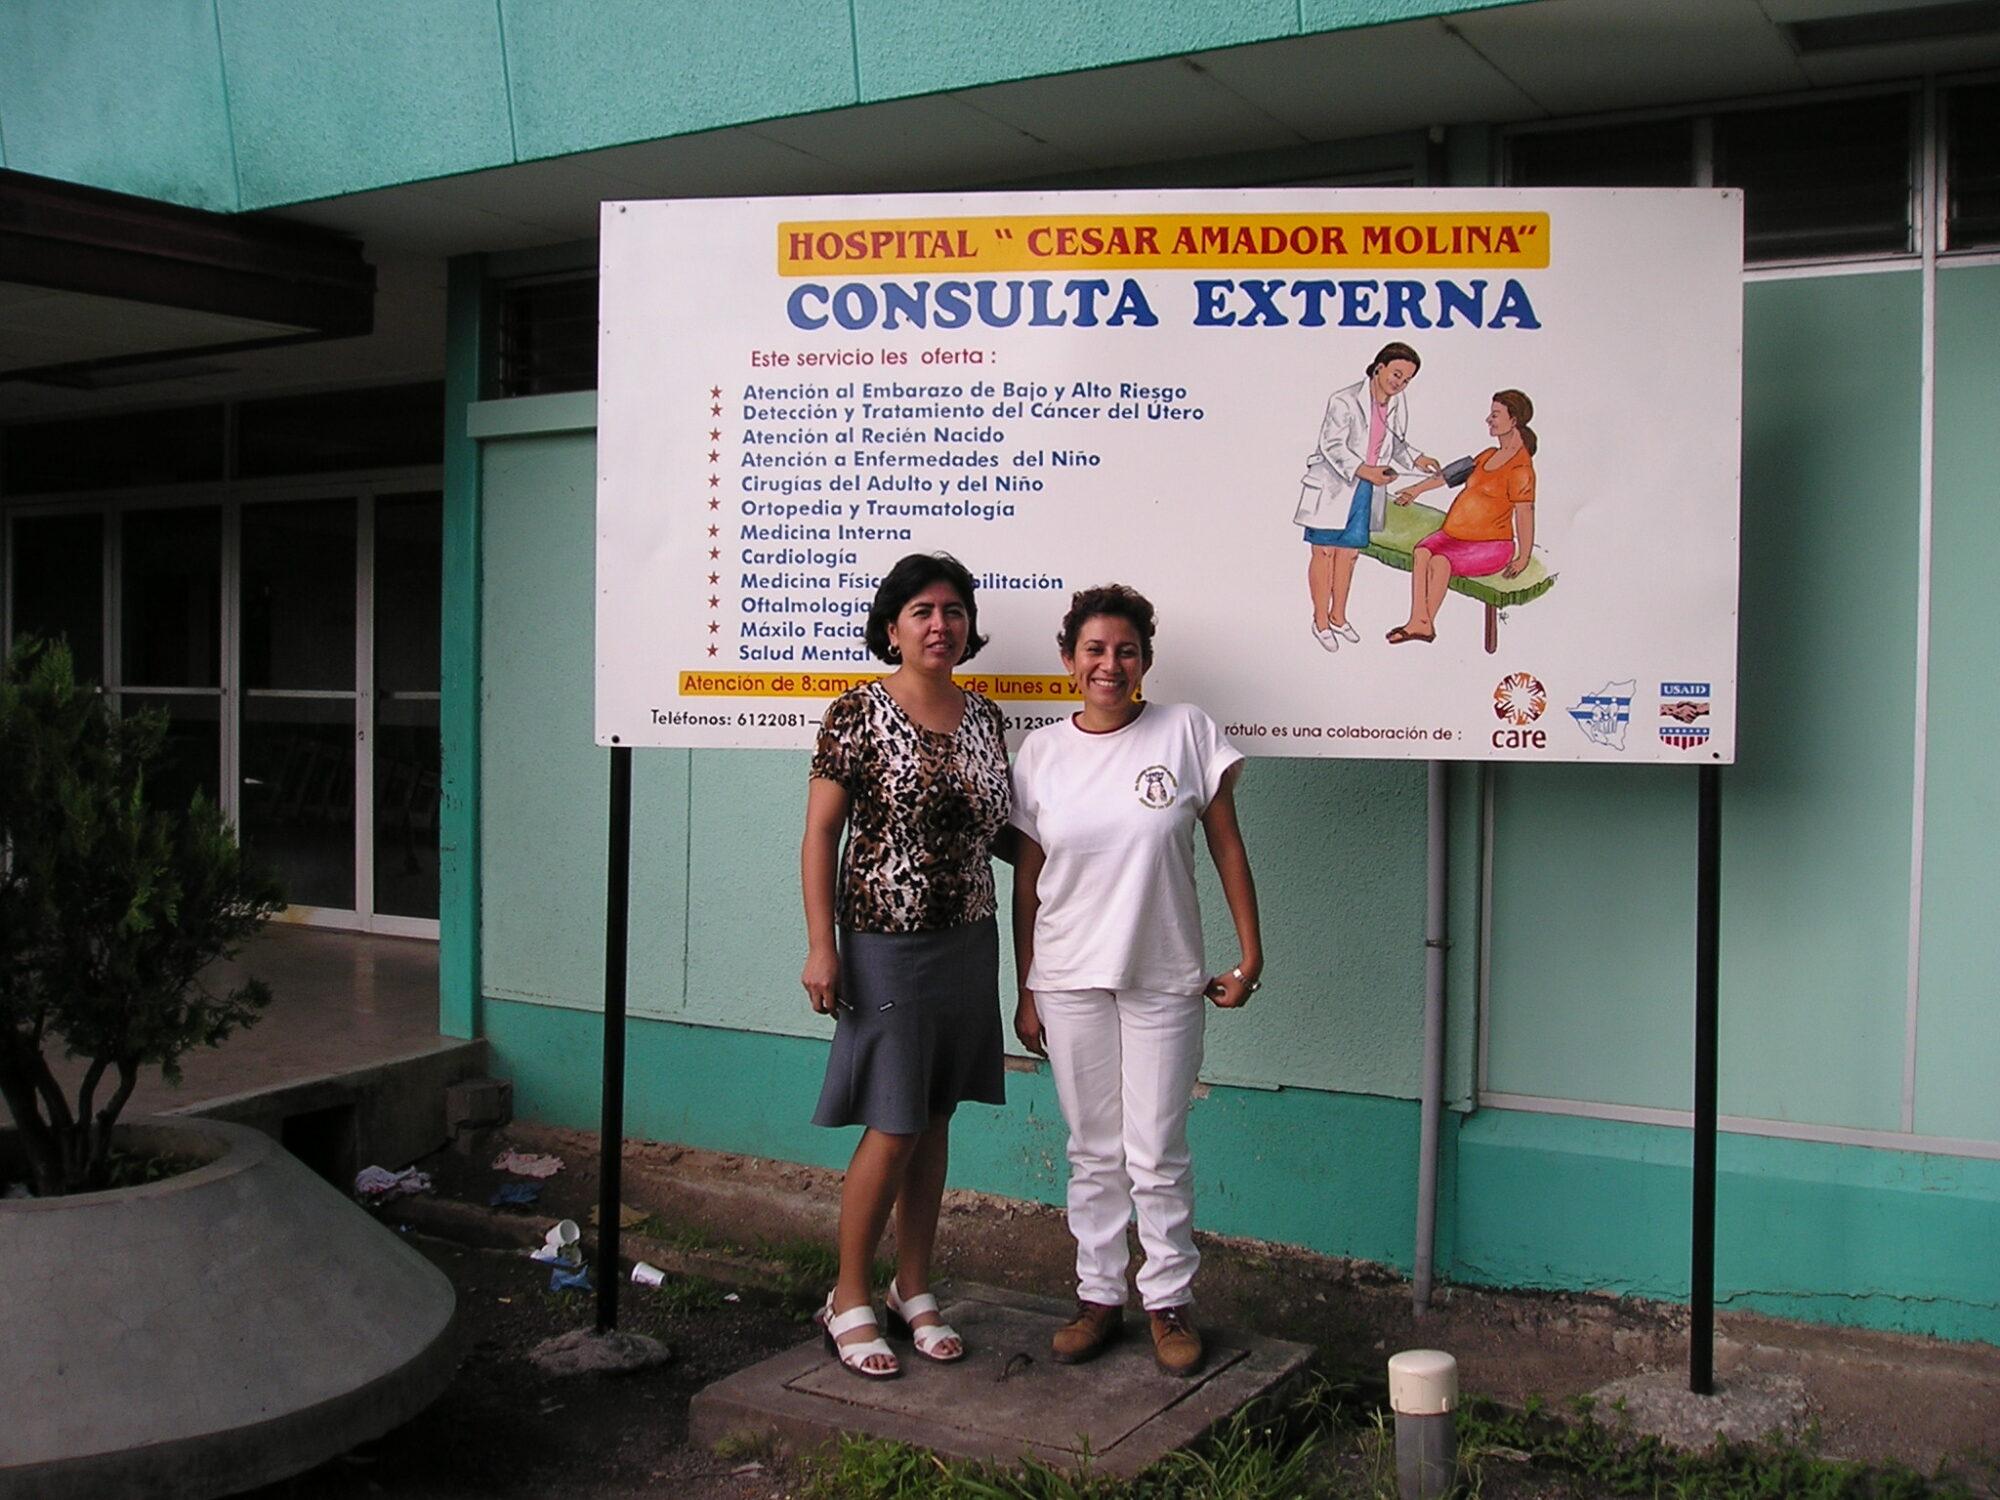 Kaksi työntekijää seisoo sairaalarakennuksen edessä.